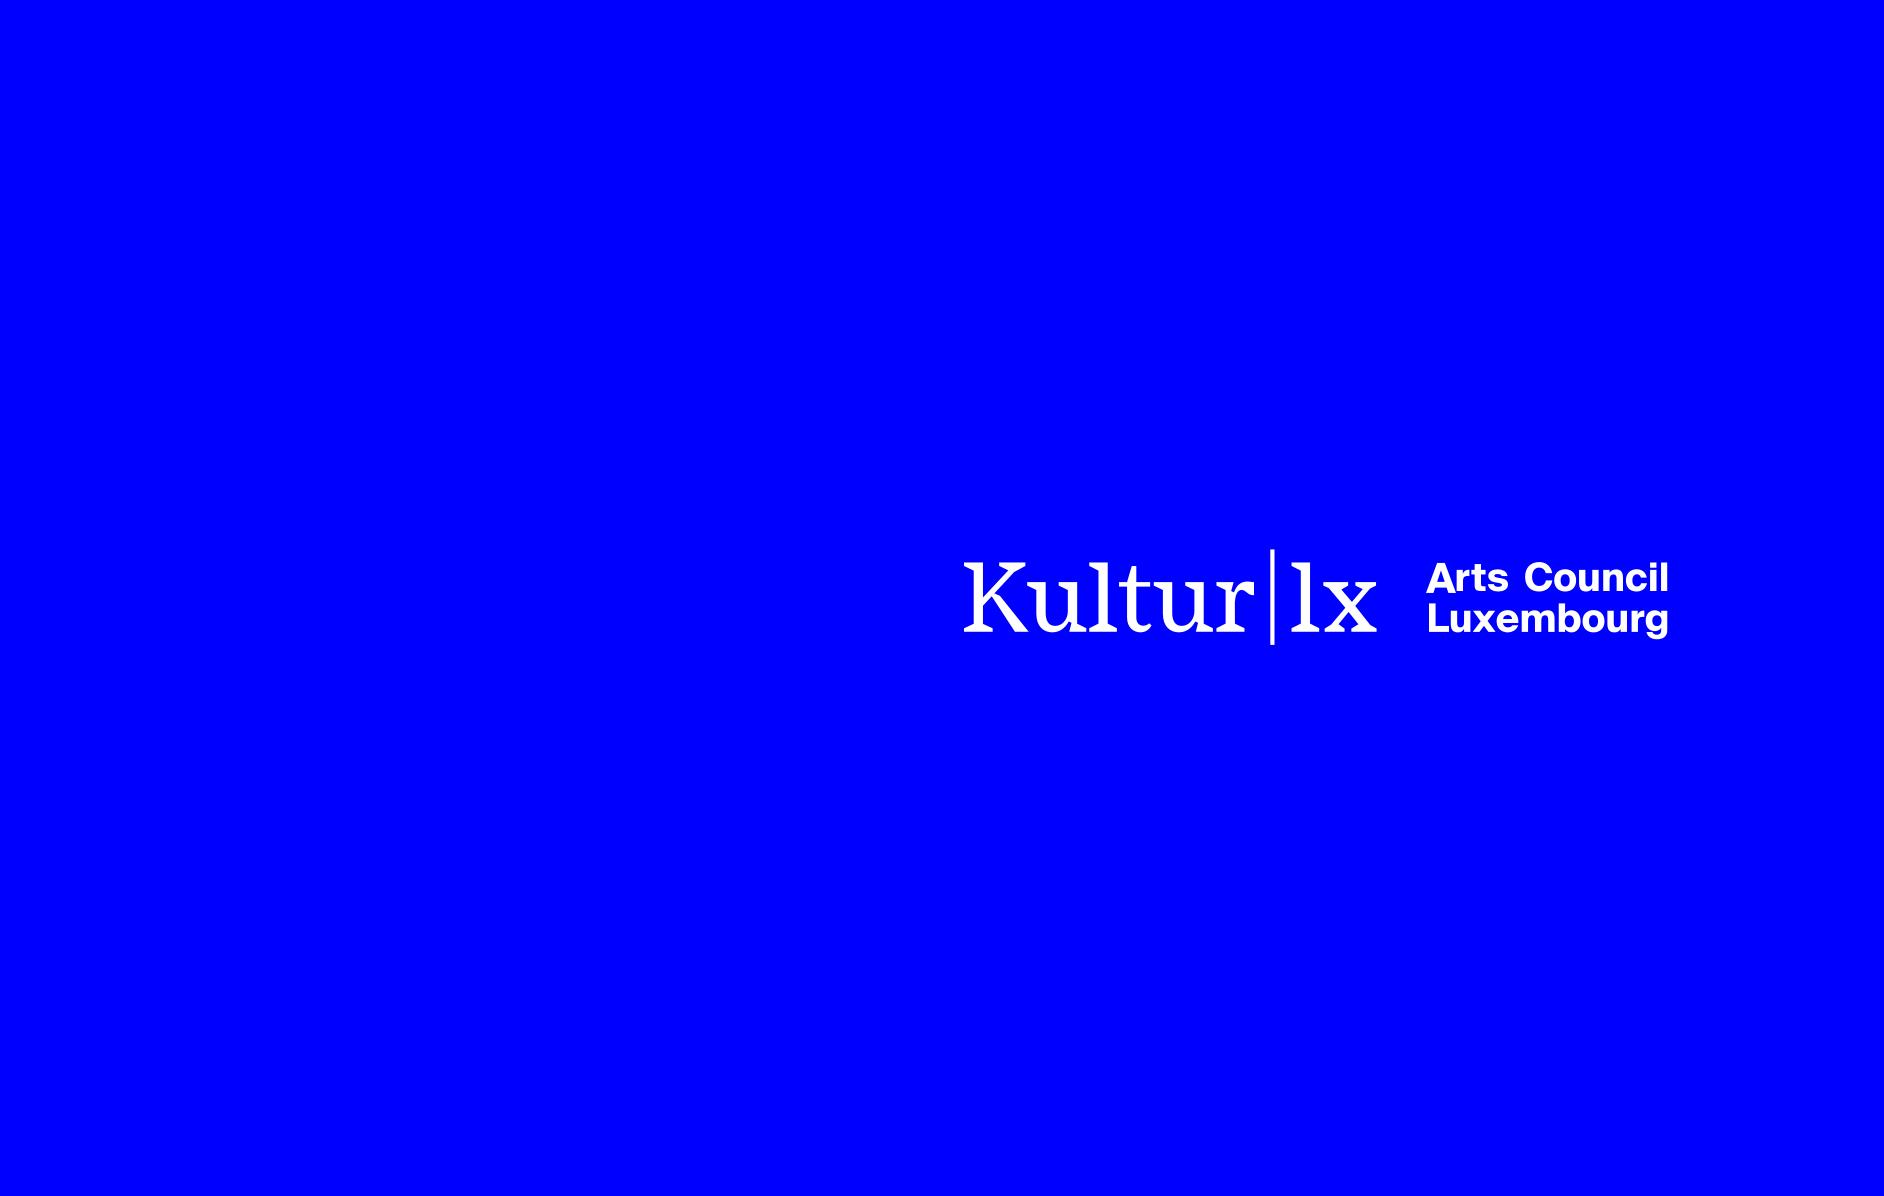 Appel à candidatures musique : Global Project Grant Kultur | lx